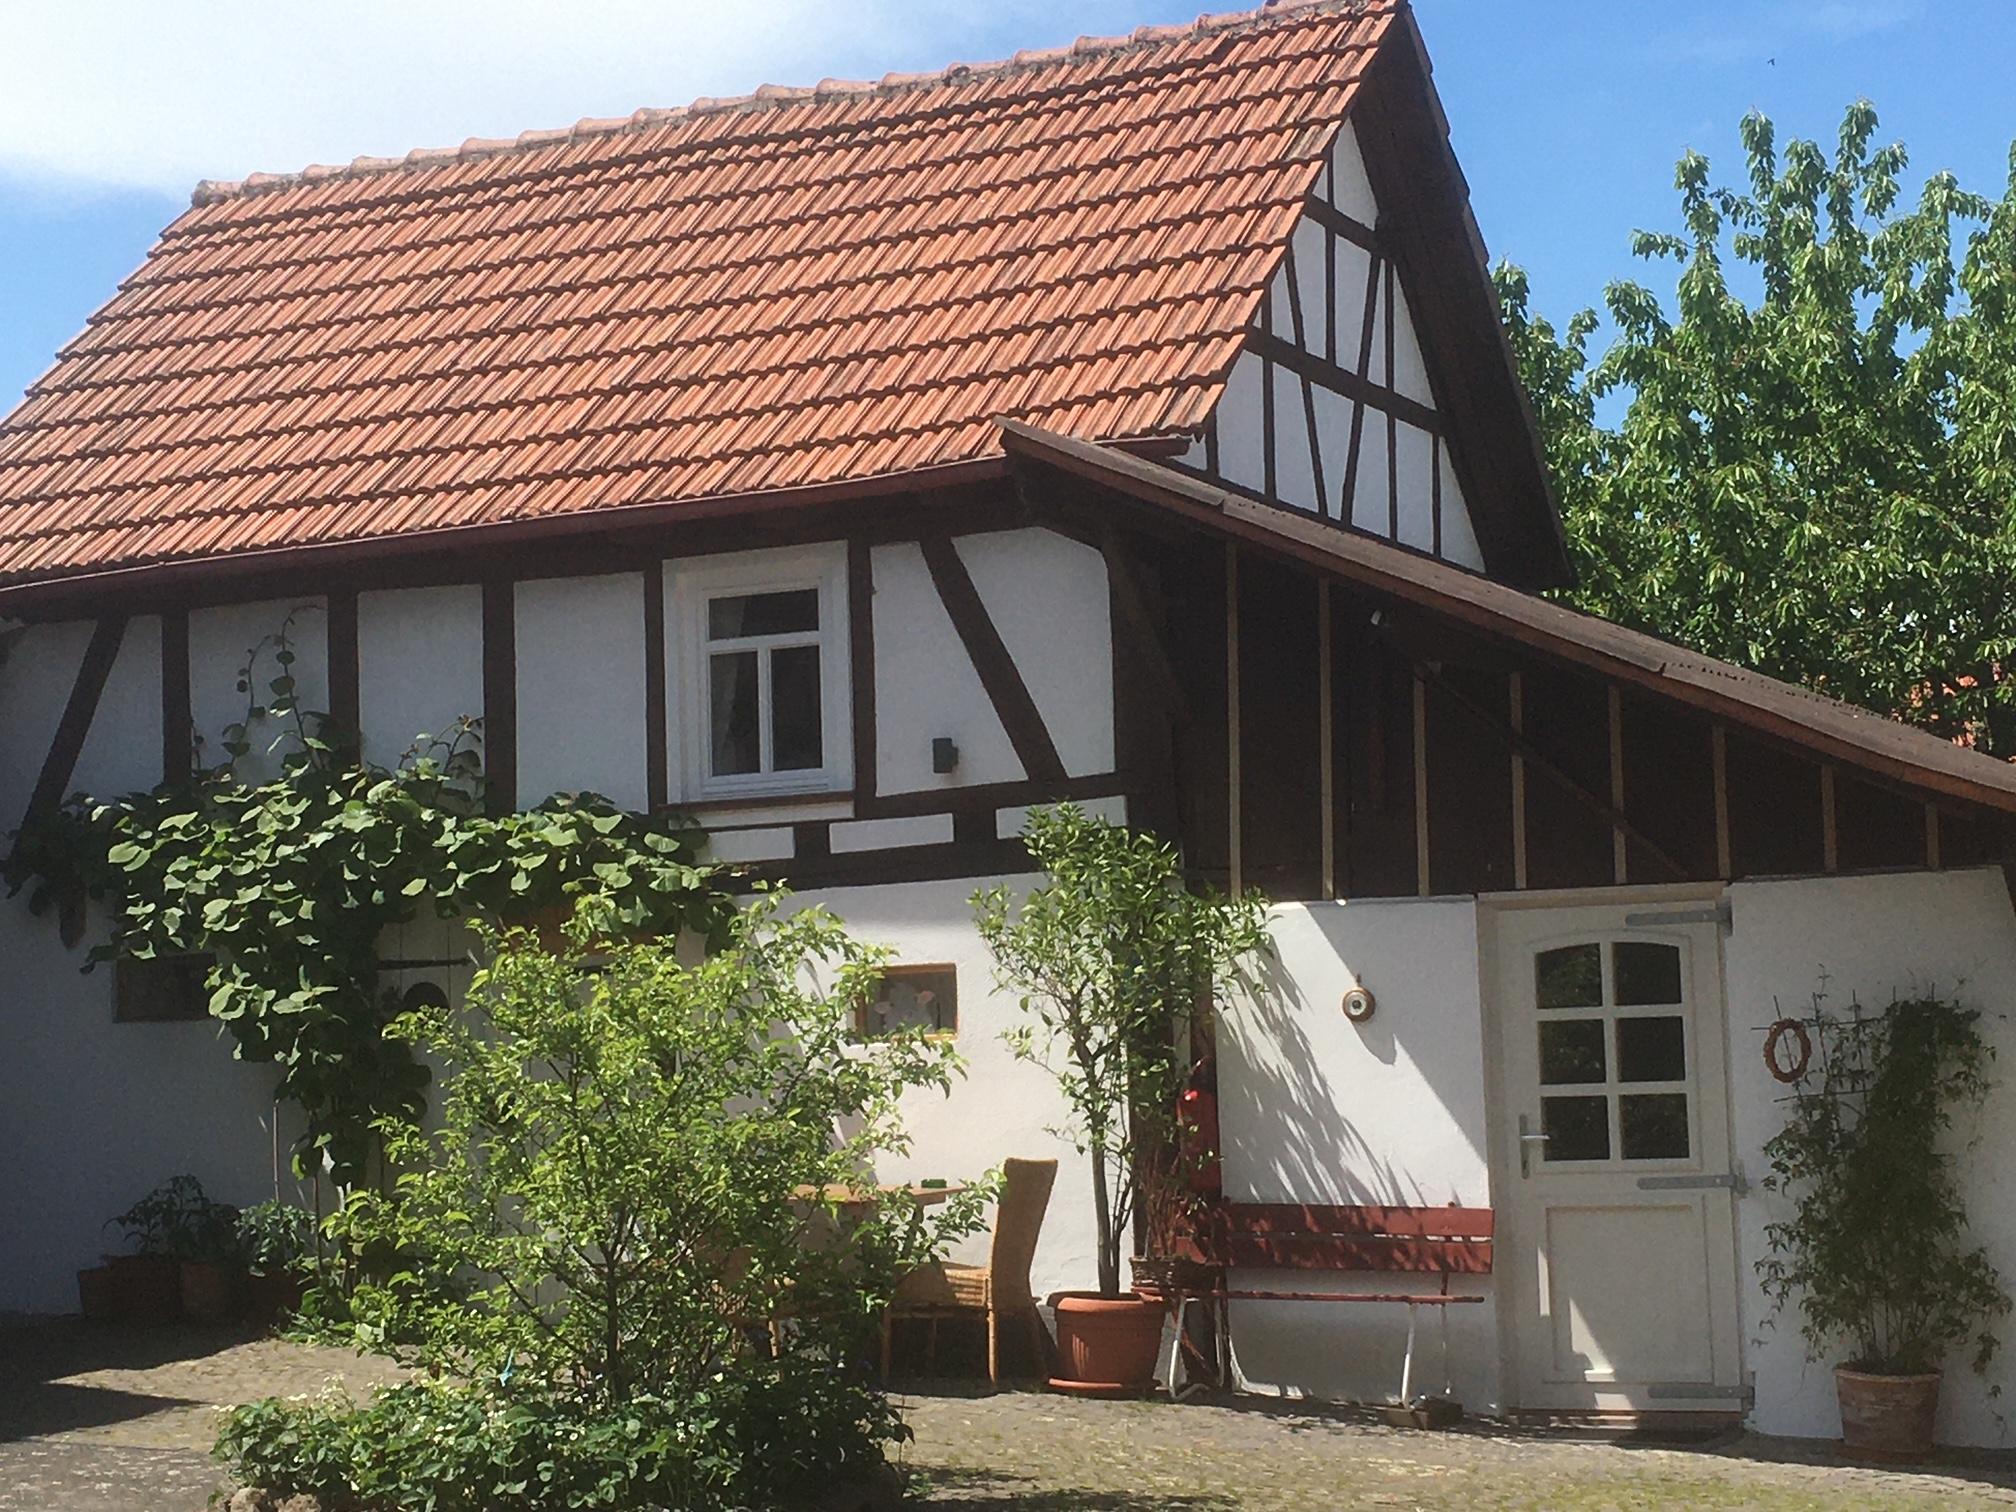 Links das Alte Schäferhaus und rechts das dazugehörige Badezimmer